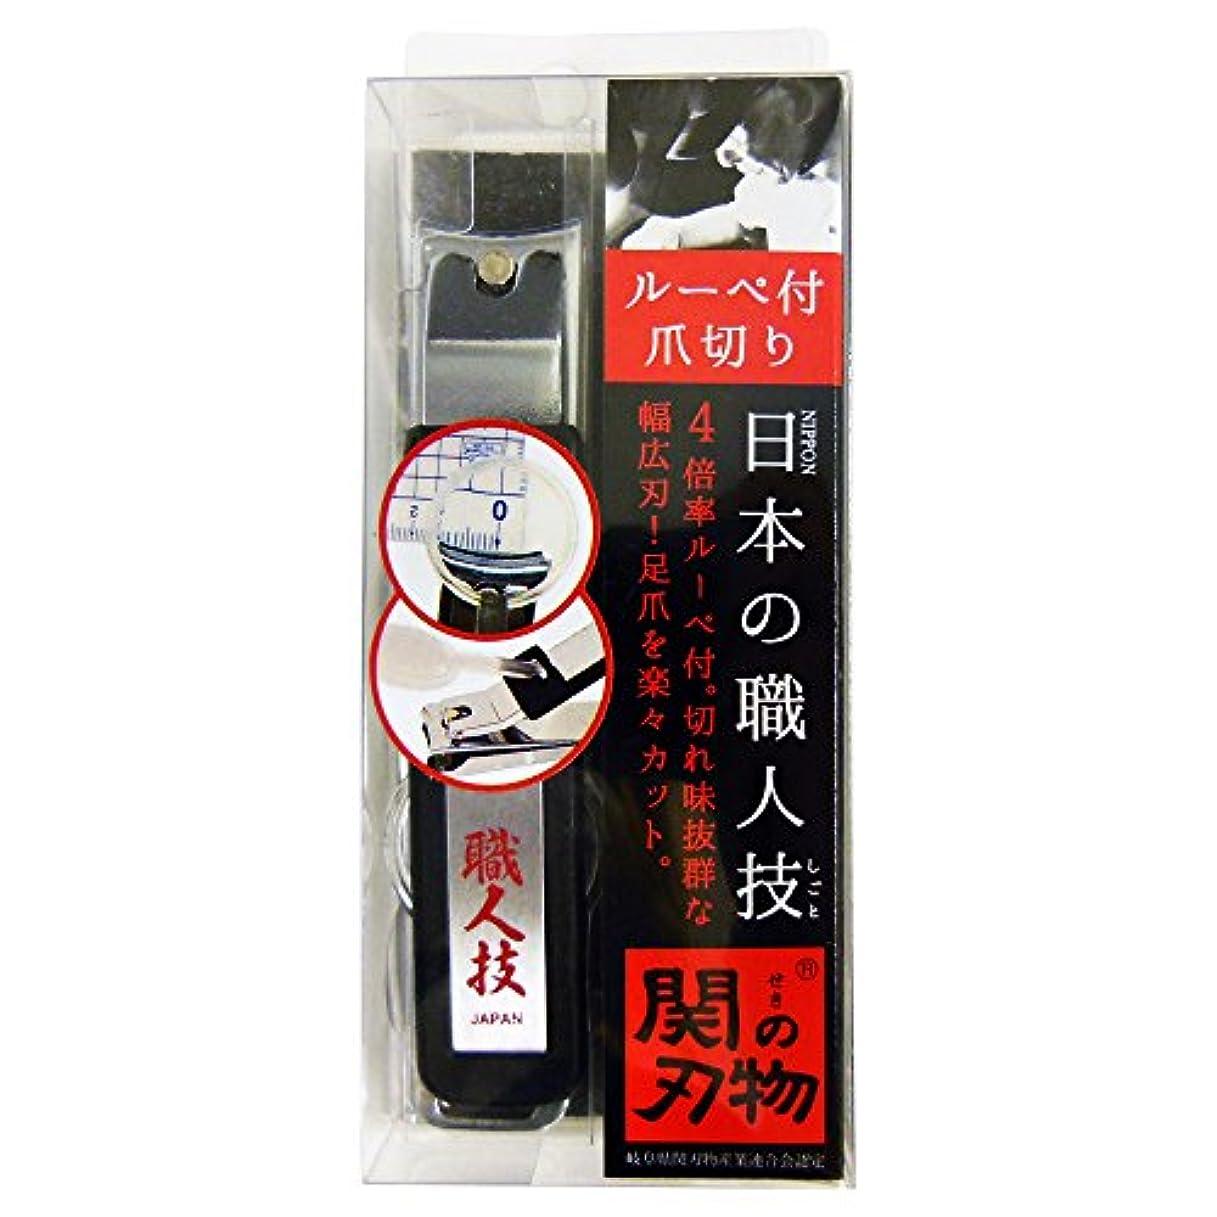 騒乱報酬遺棄された関の刃物 ルーペ付爪切り SK-07 (1個入)